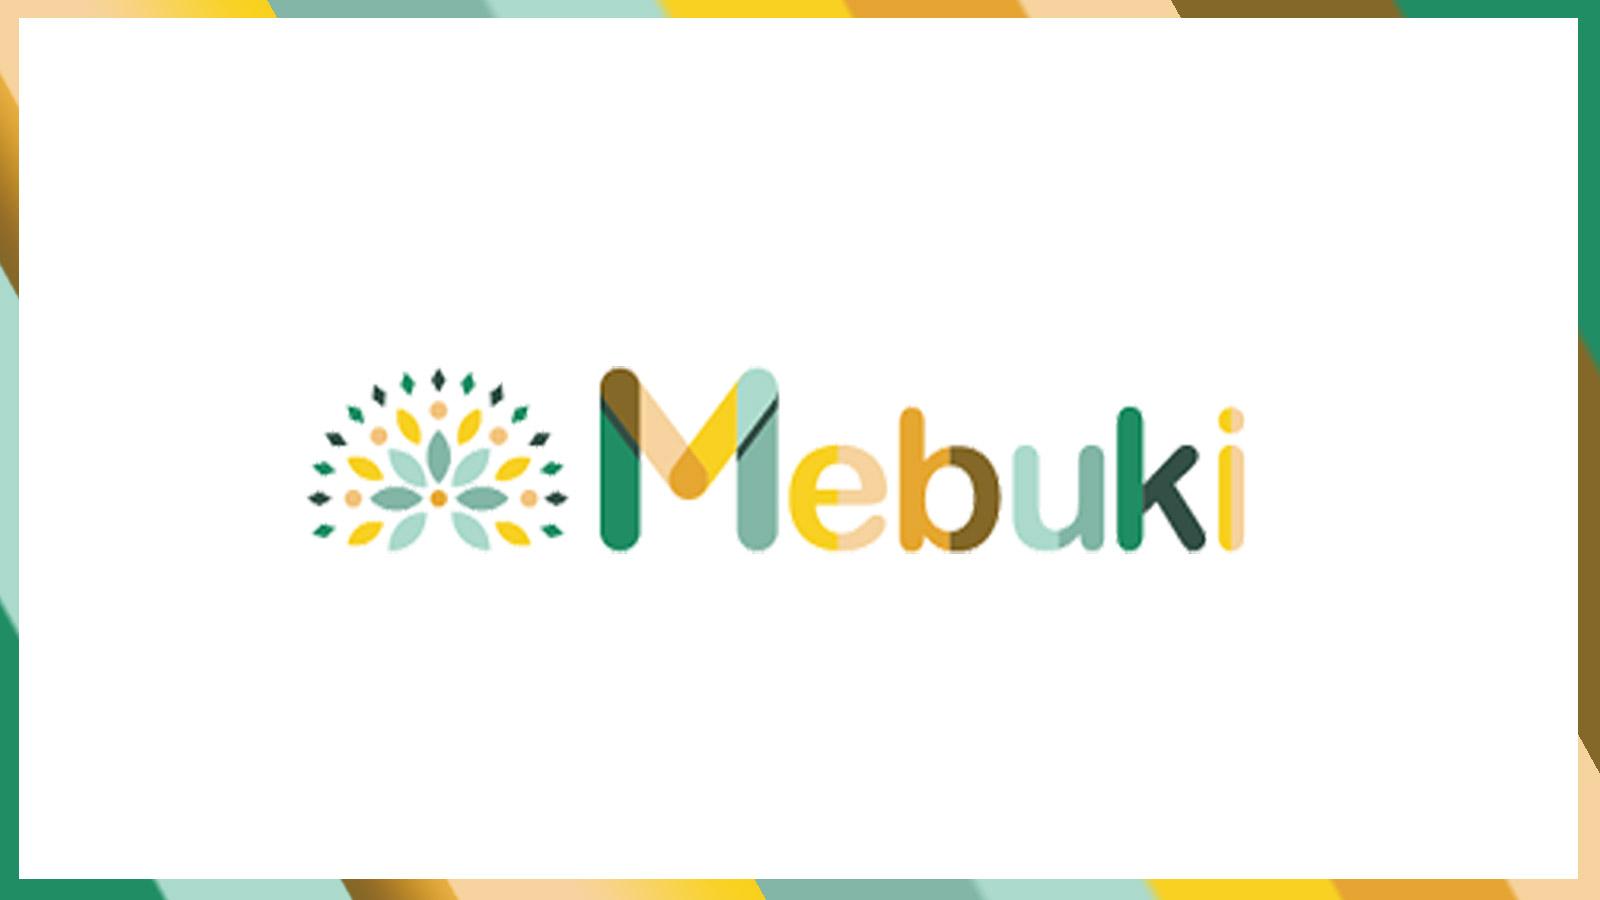 【PR】W&M(ウィークリー&マンスリー)、メブキ株式会社と提携開始!掲載会社の福利厚生サービス導入をサポートいたします。